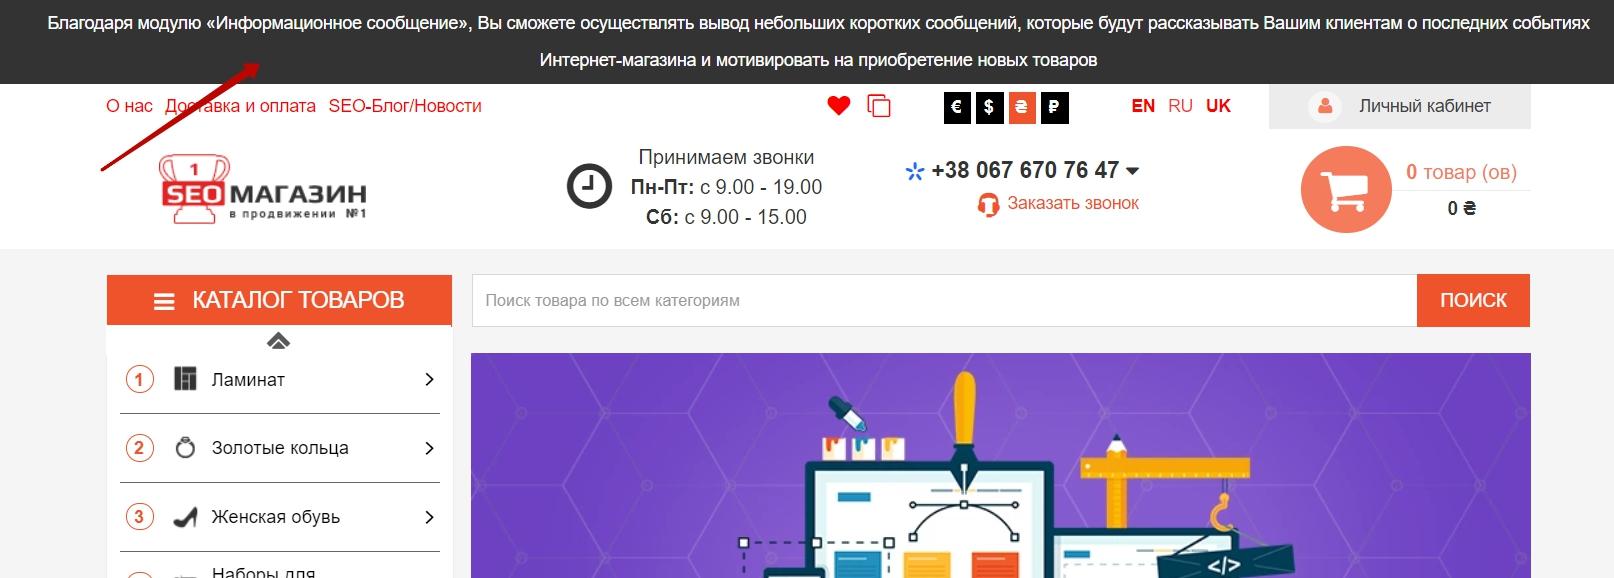 Модуль Информационное сообщение, Веб-студия, NeoSeo